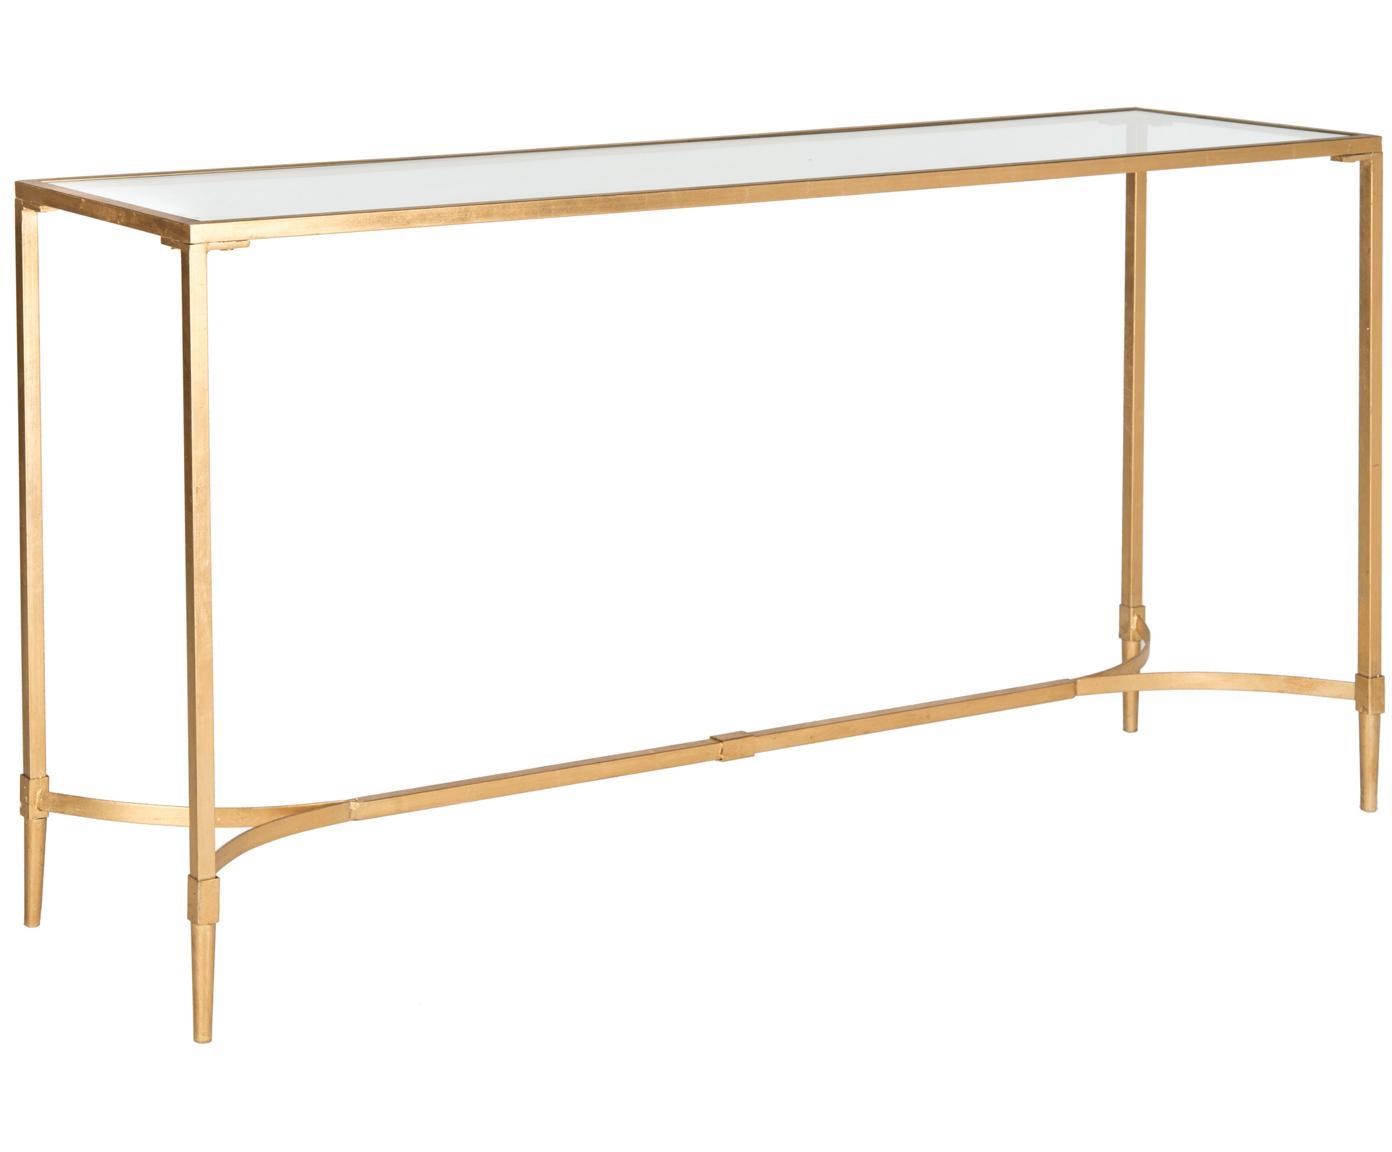 Consolle con struttura dorata Abigail, Struttura: ferro, verniciato, Piano d'appoggio: vetro, Dorato trasparente, Larg. 160 x Prof. 40 cm